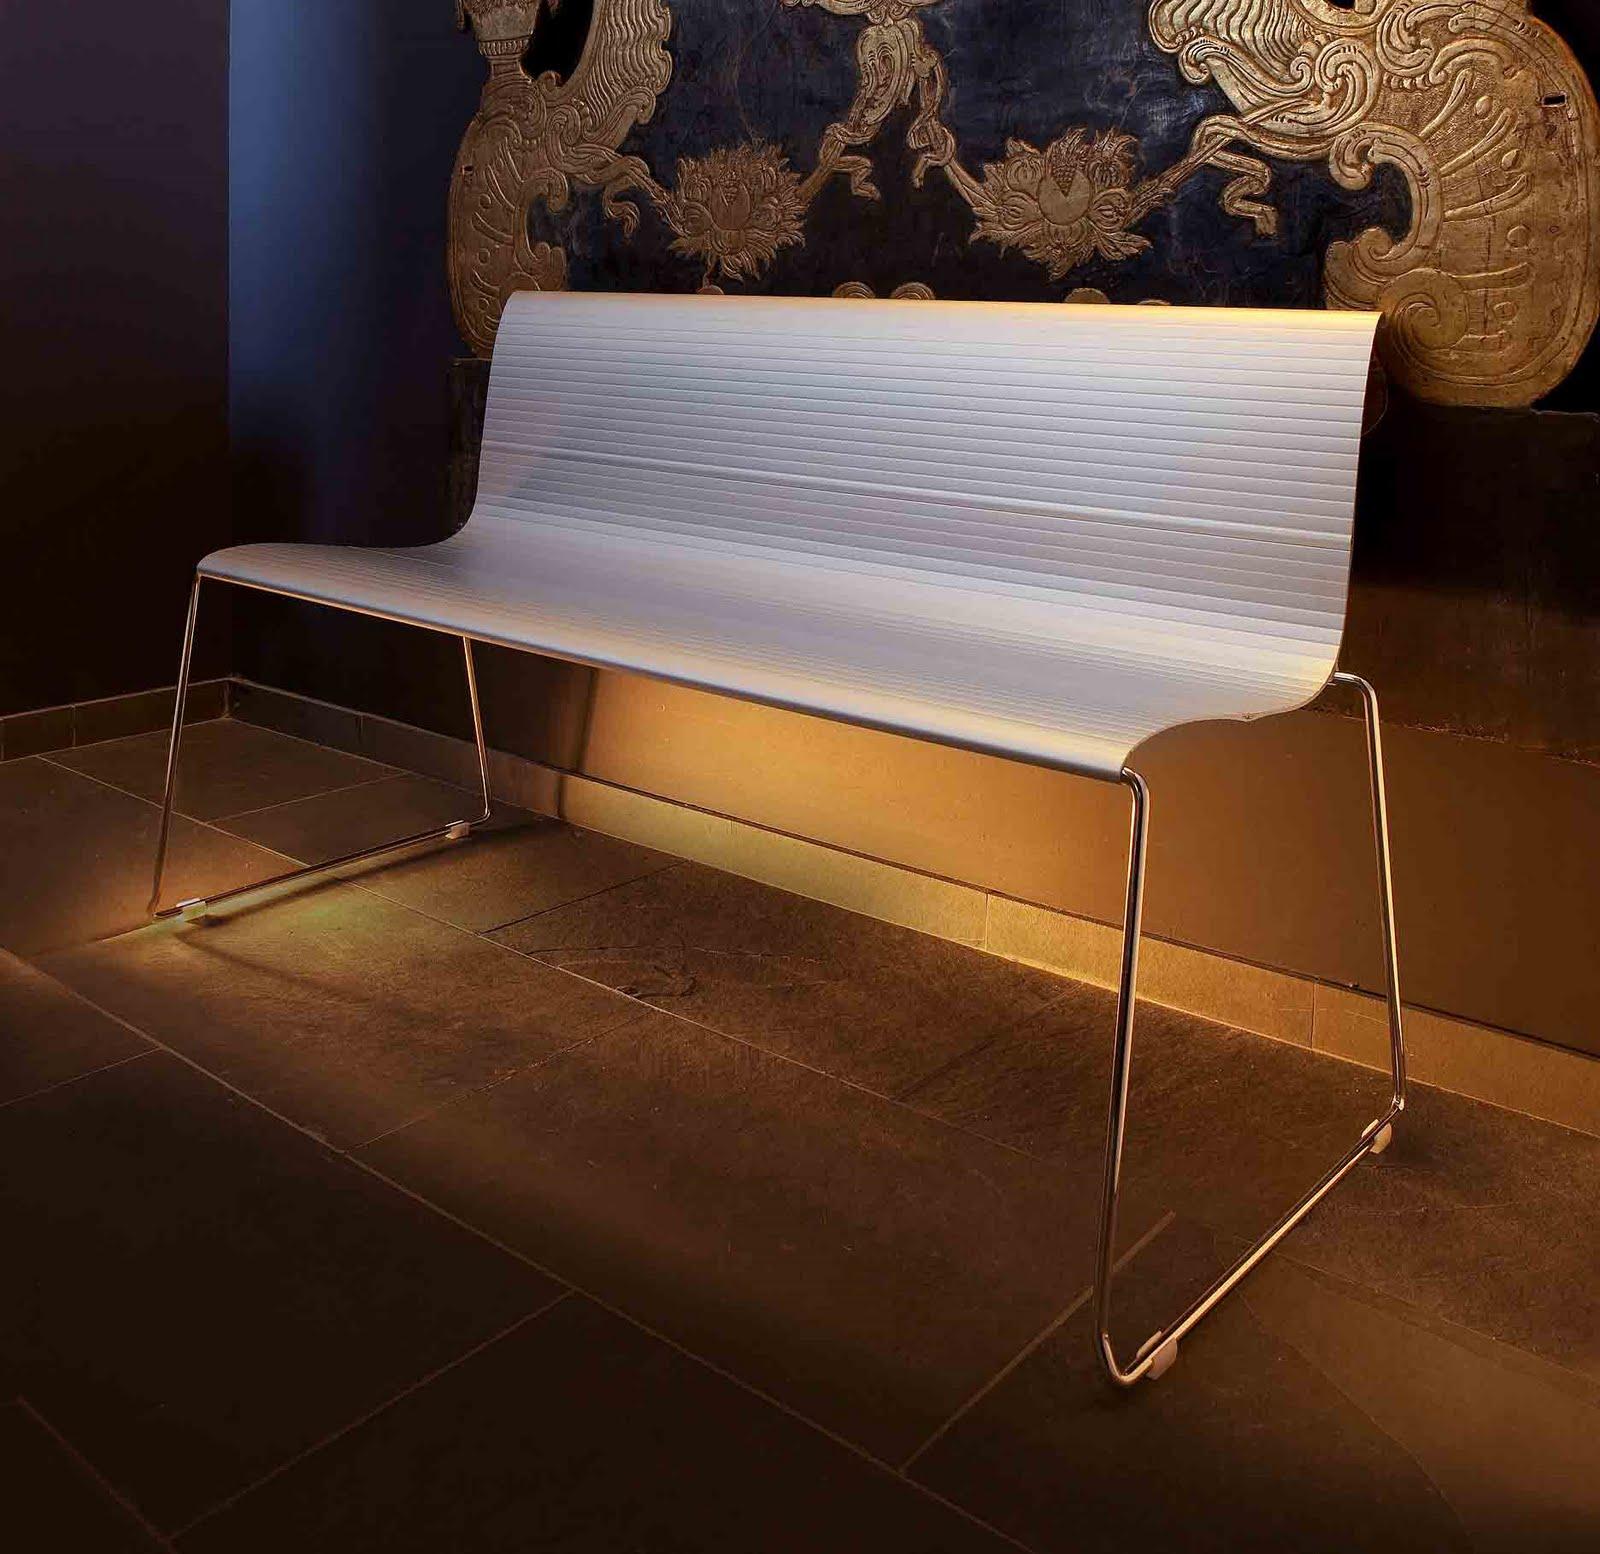 Interiores minimalistas dunas nueva colecci n outdoor de for Interiores minimalistas